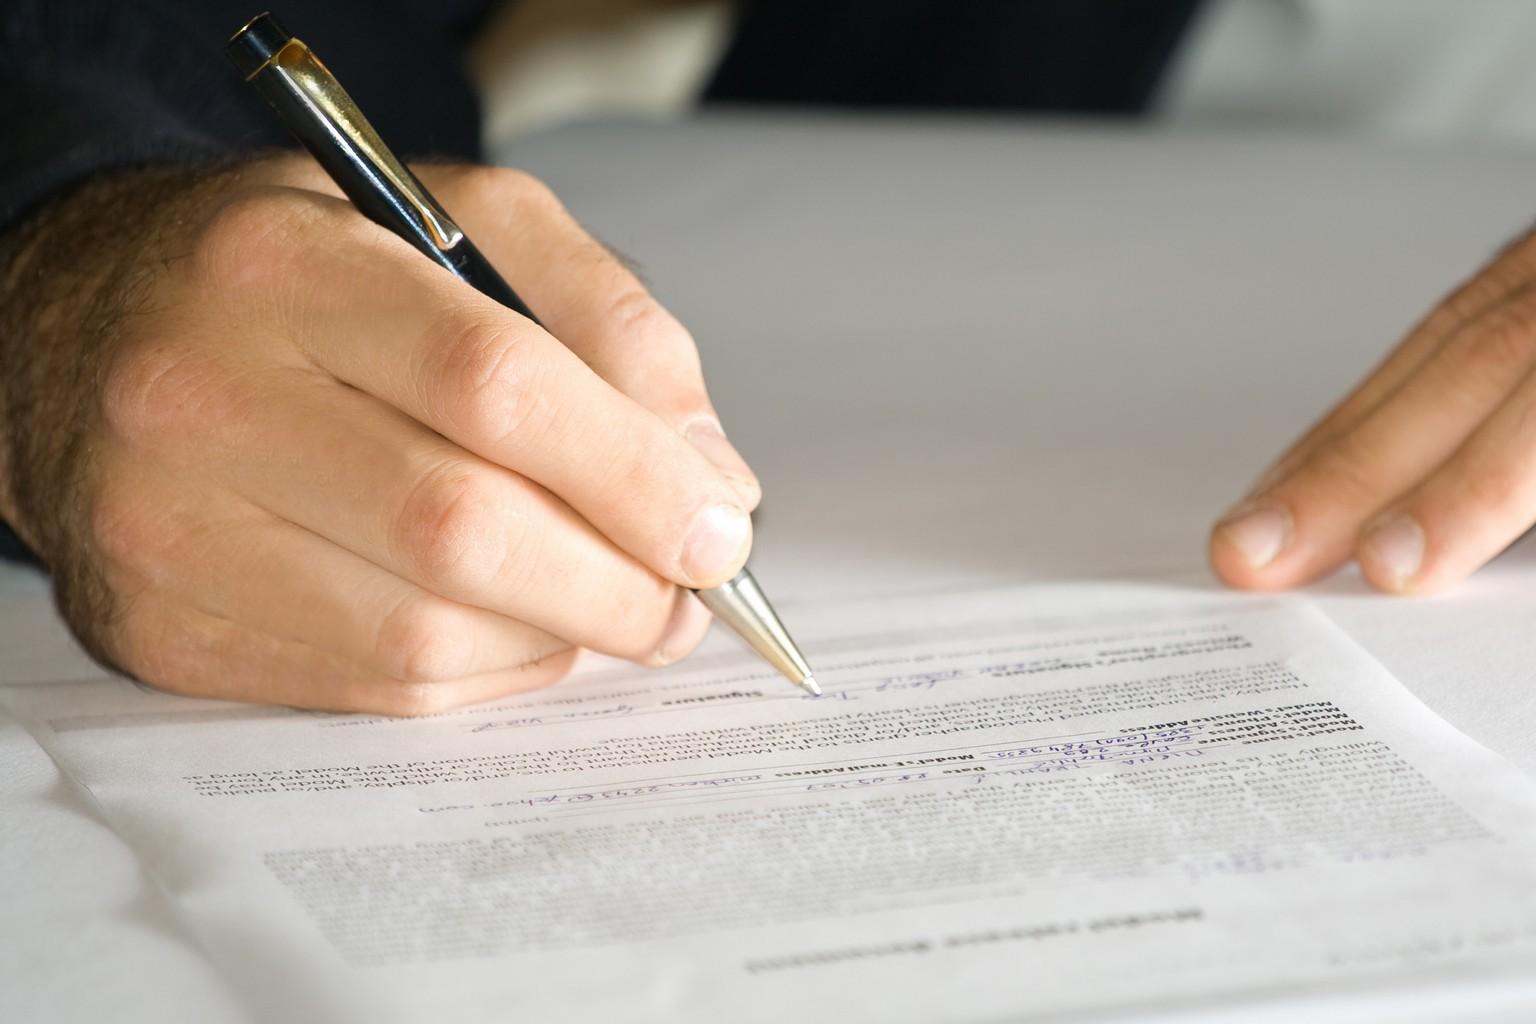 Comment faire pour résilier un contrat EDF sans frais ?